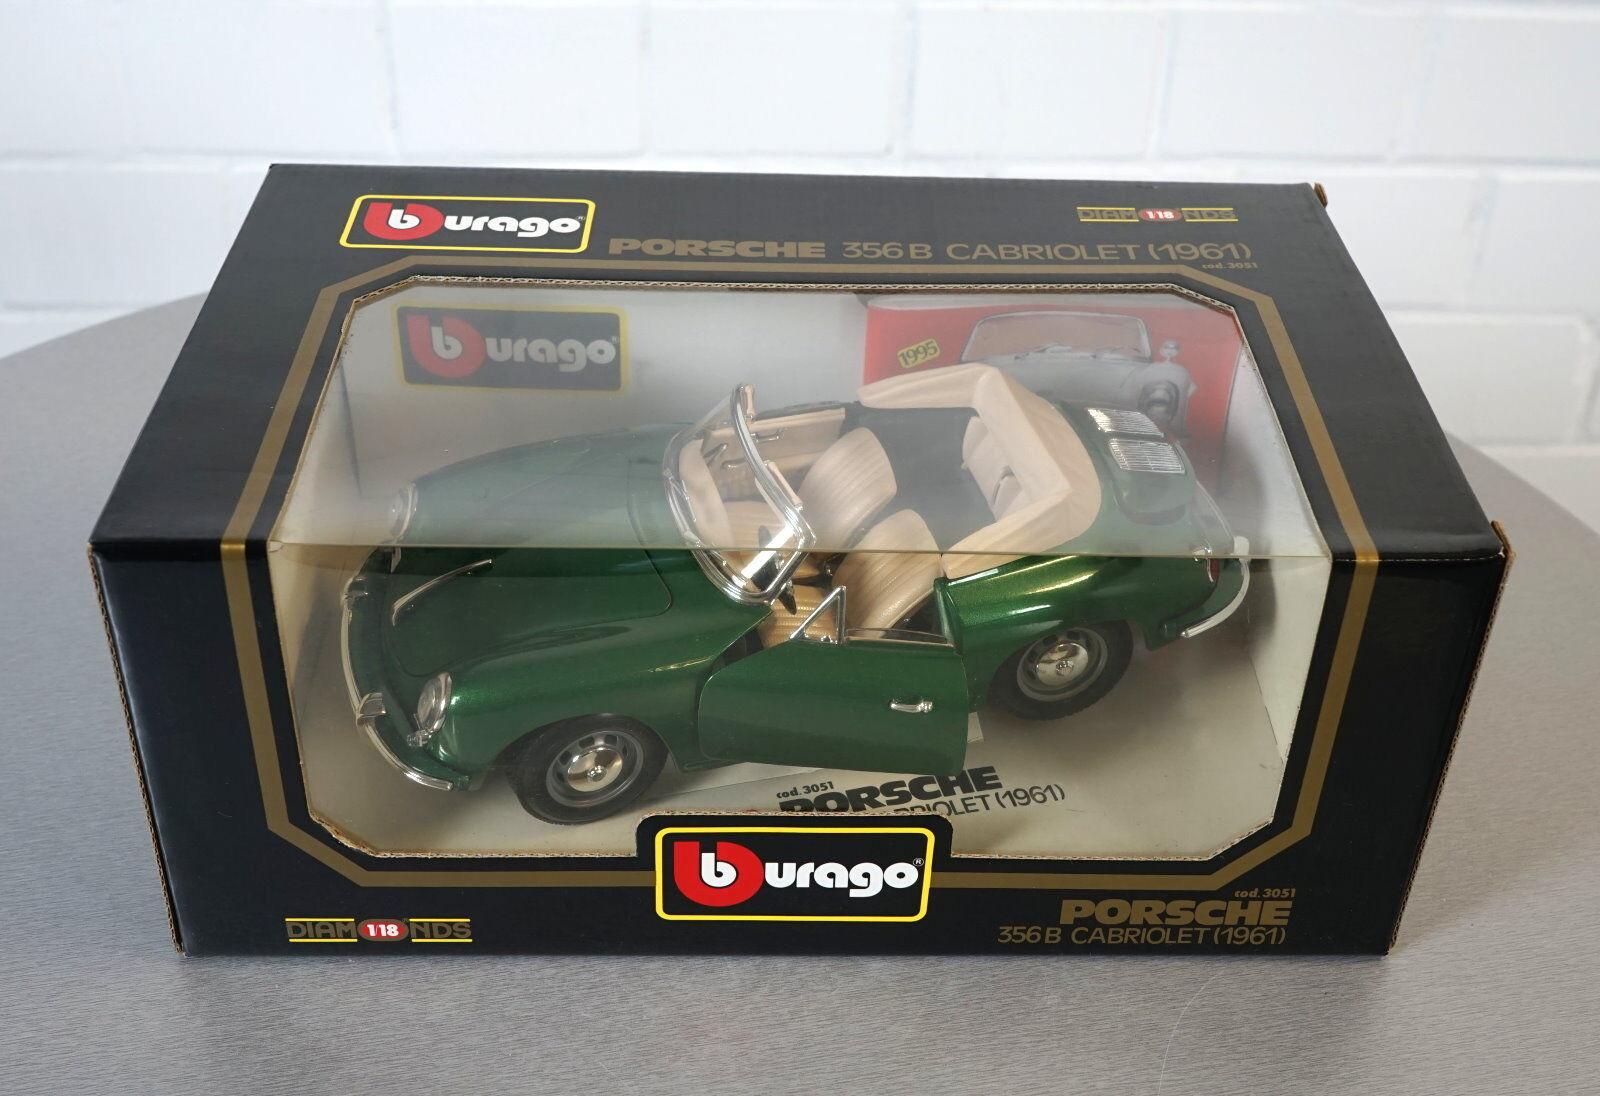 Burago 1 18 Porsche 356 B CABRIOLET  (1961) Vert -3051 - les-Cast Modèle Voiture Neuf dans sa boîte  peu coûteux